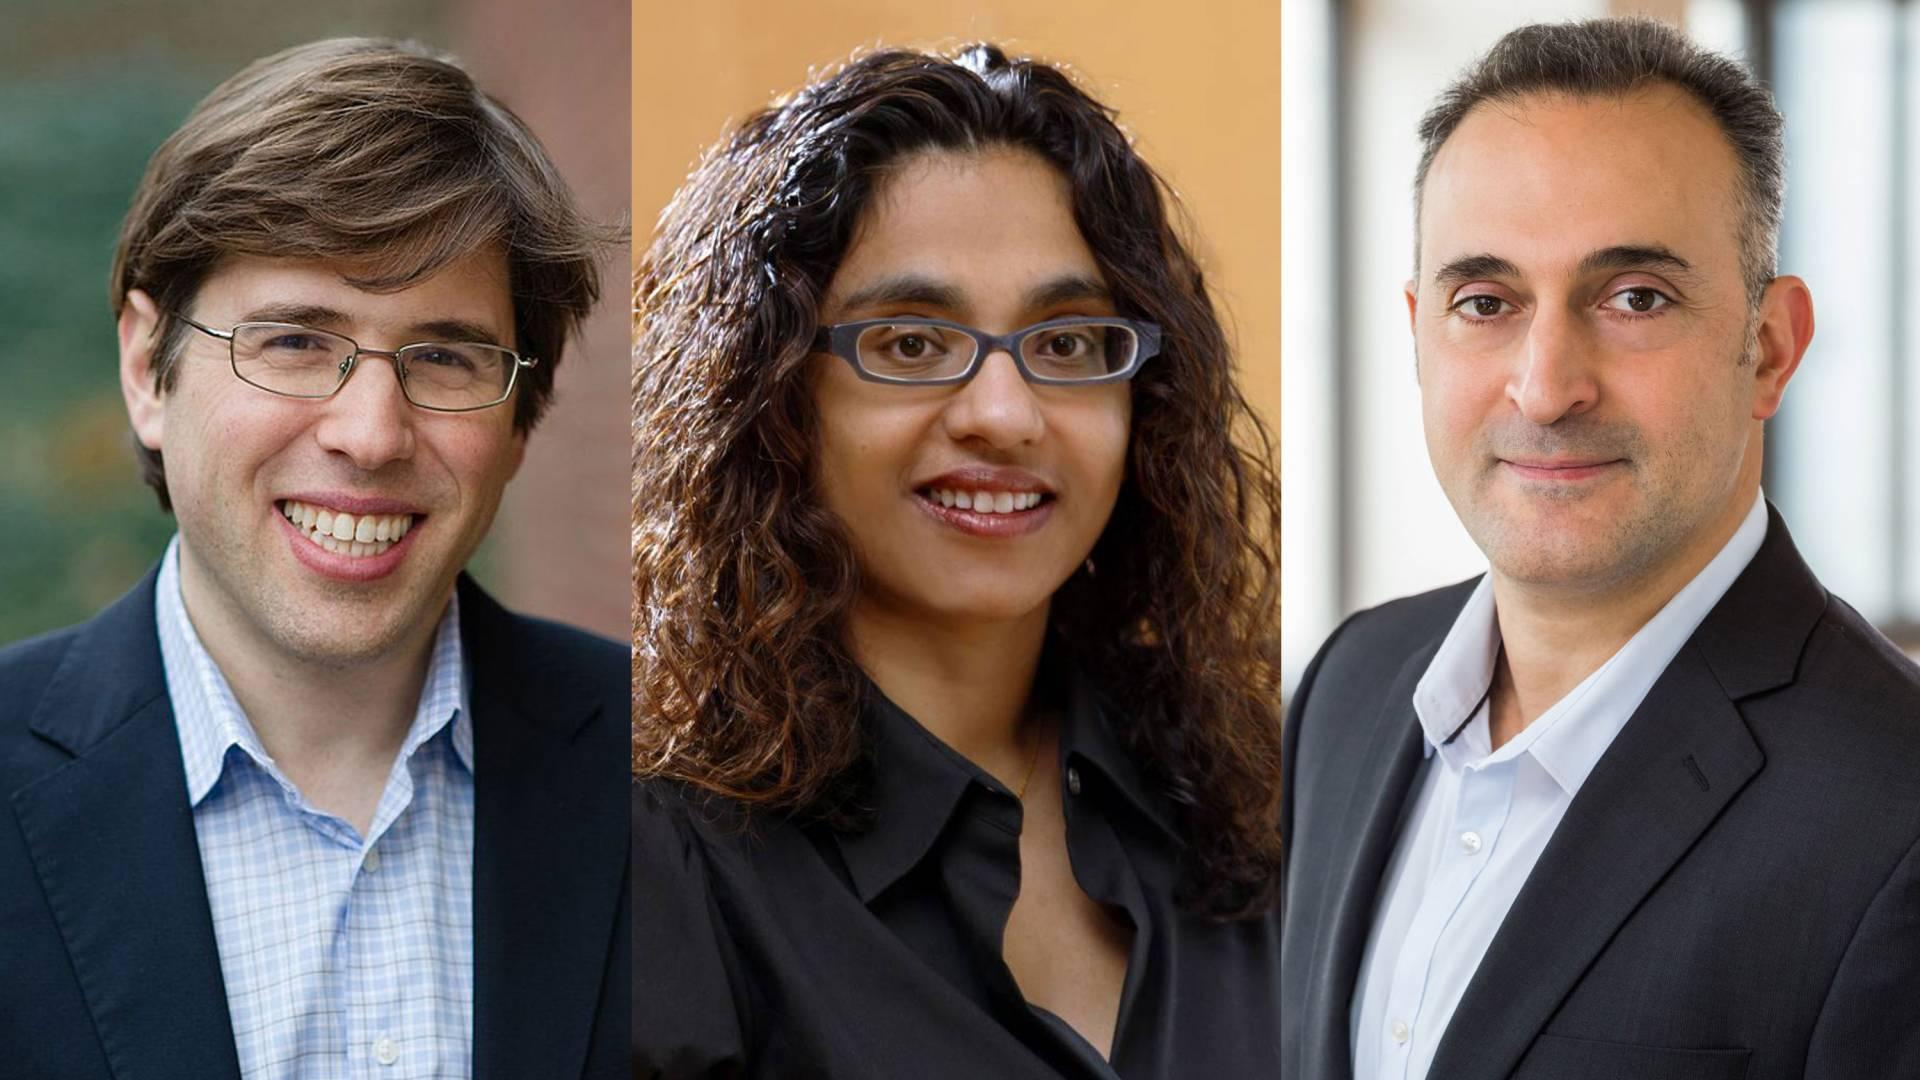 Elad Hazan, Matthew Salganik, Mona Singh